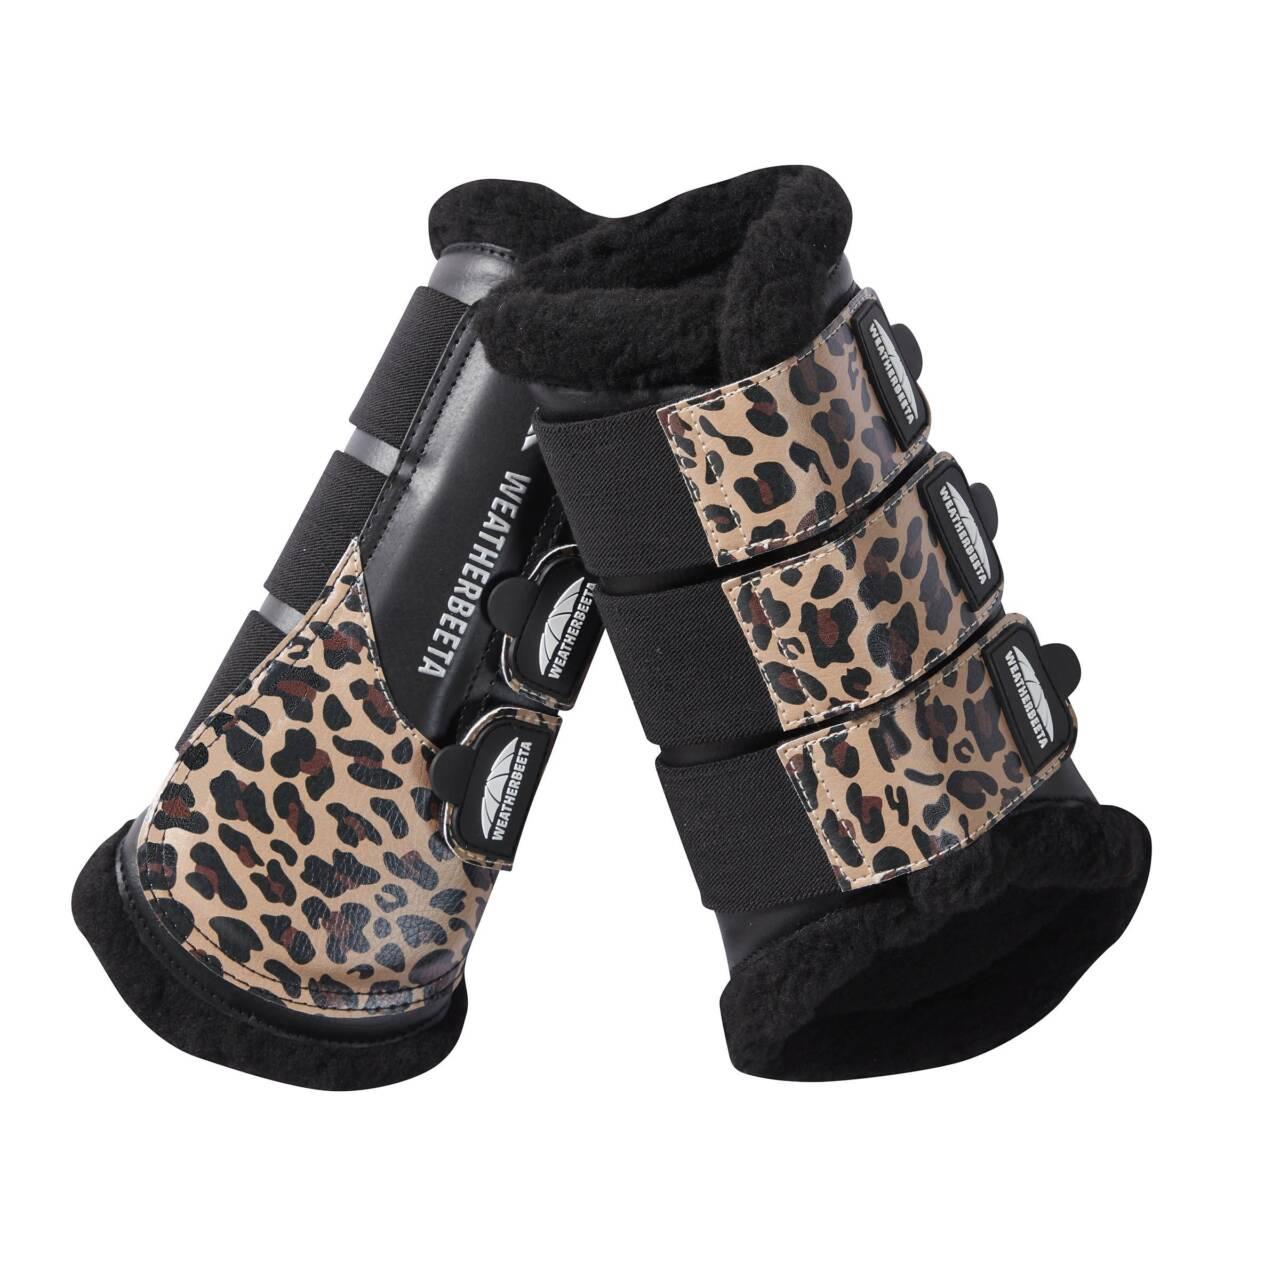 Weatherbeeta Leopard gamacher brown